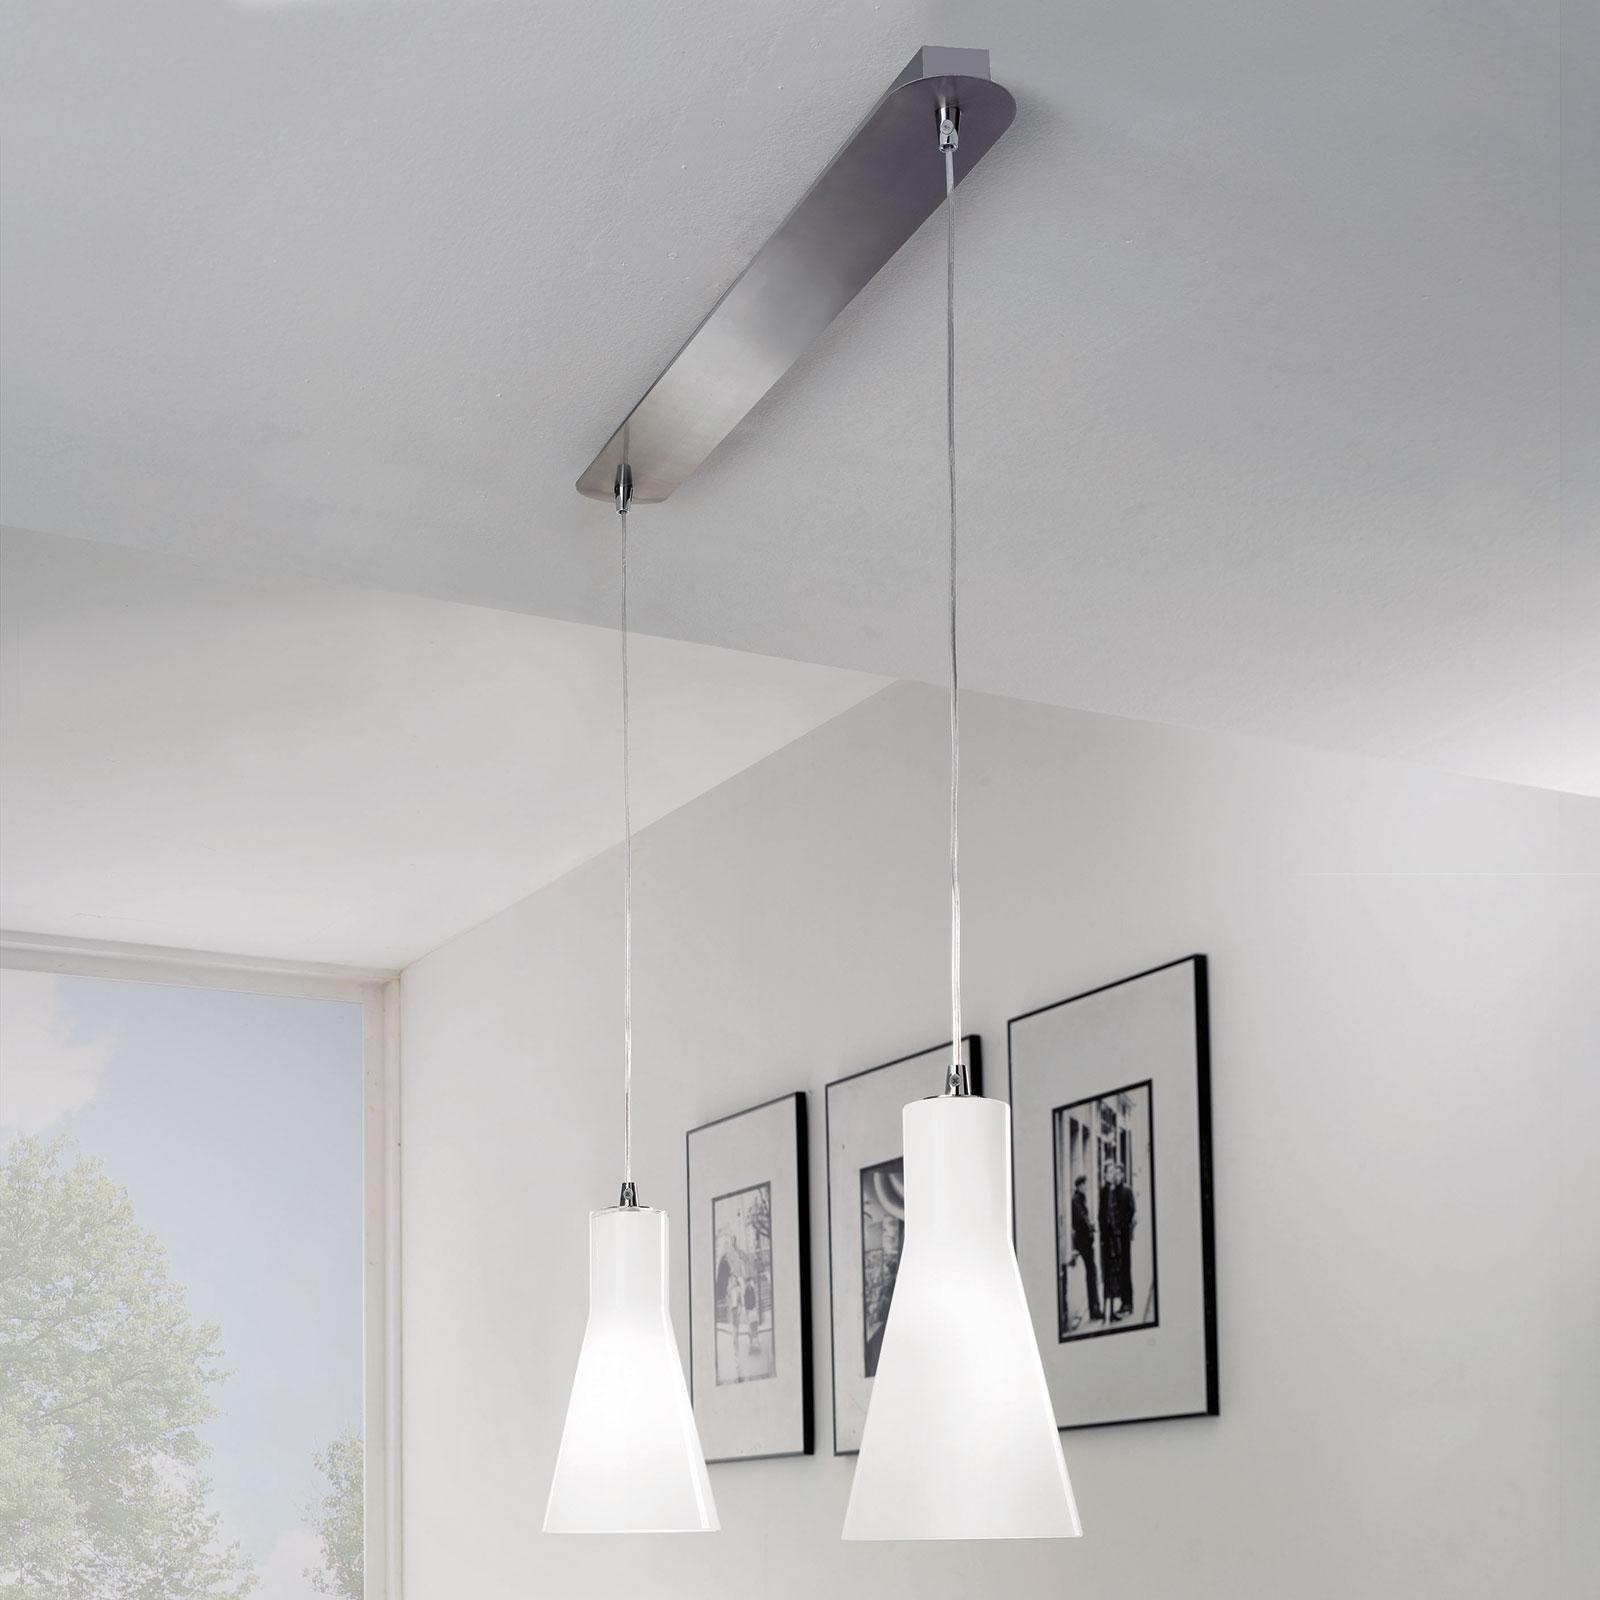 Dana hængelampe af glas, 2 lyskilder